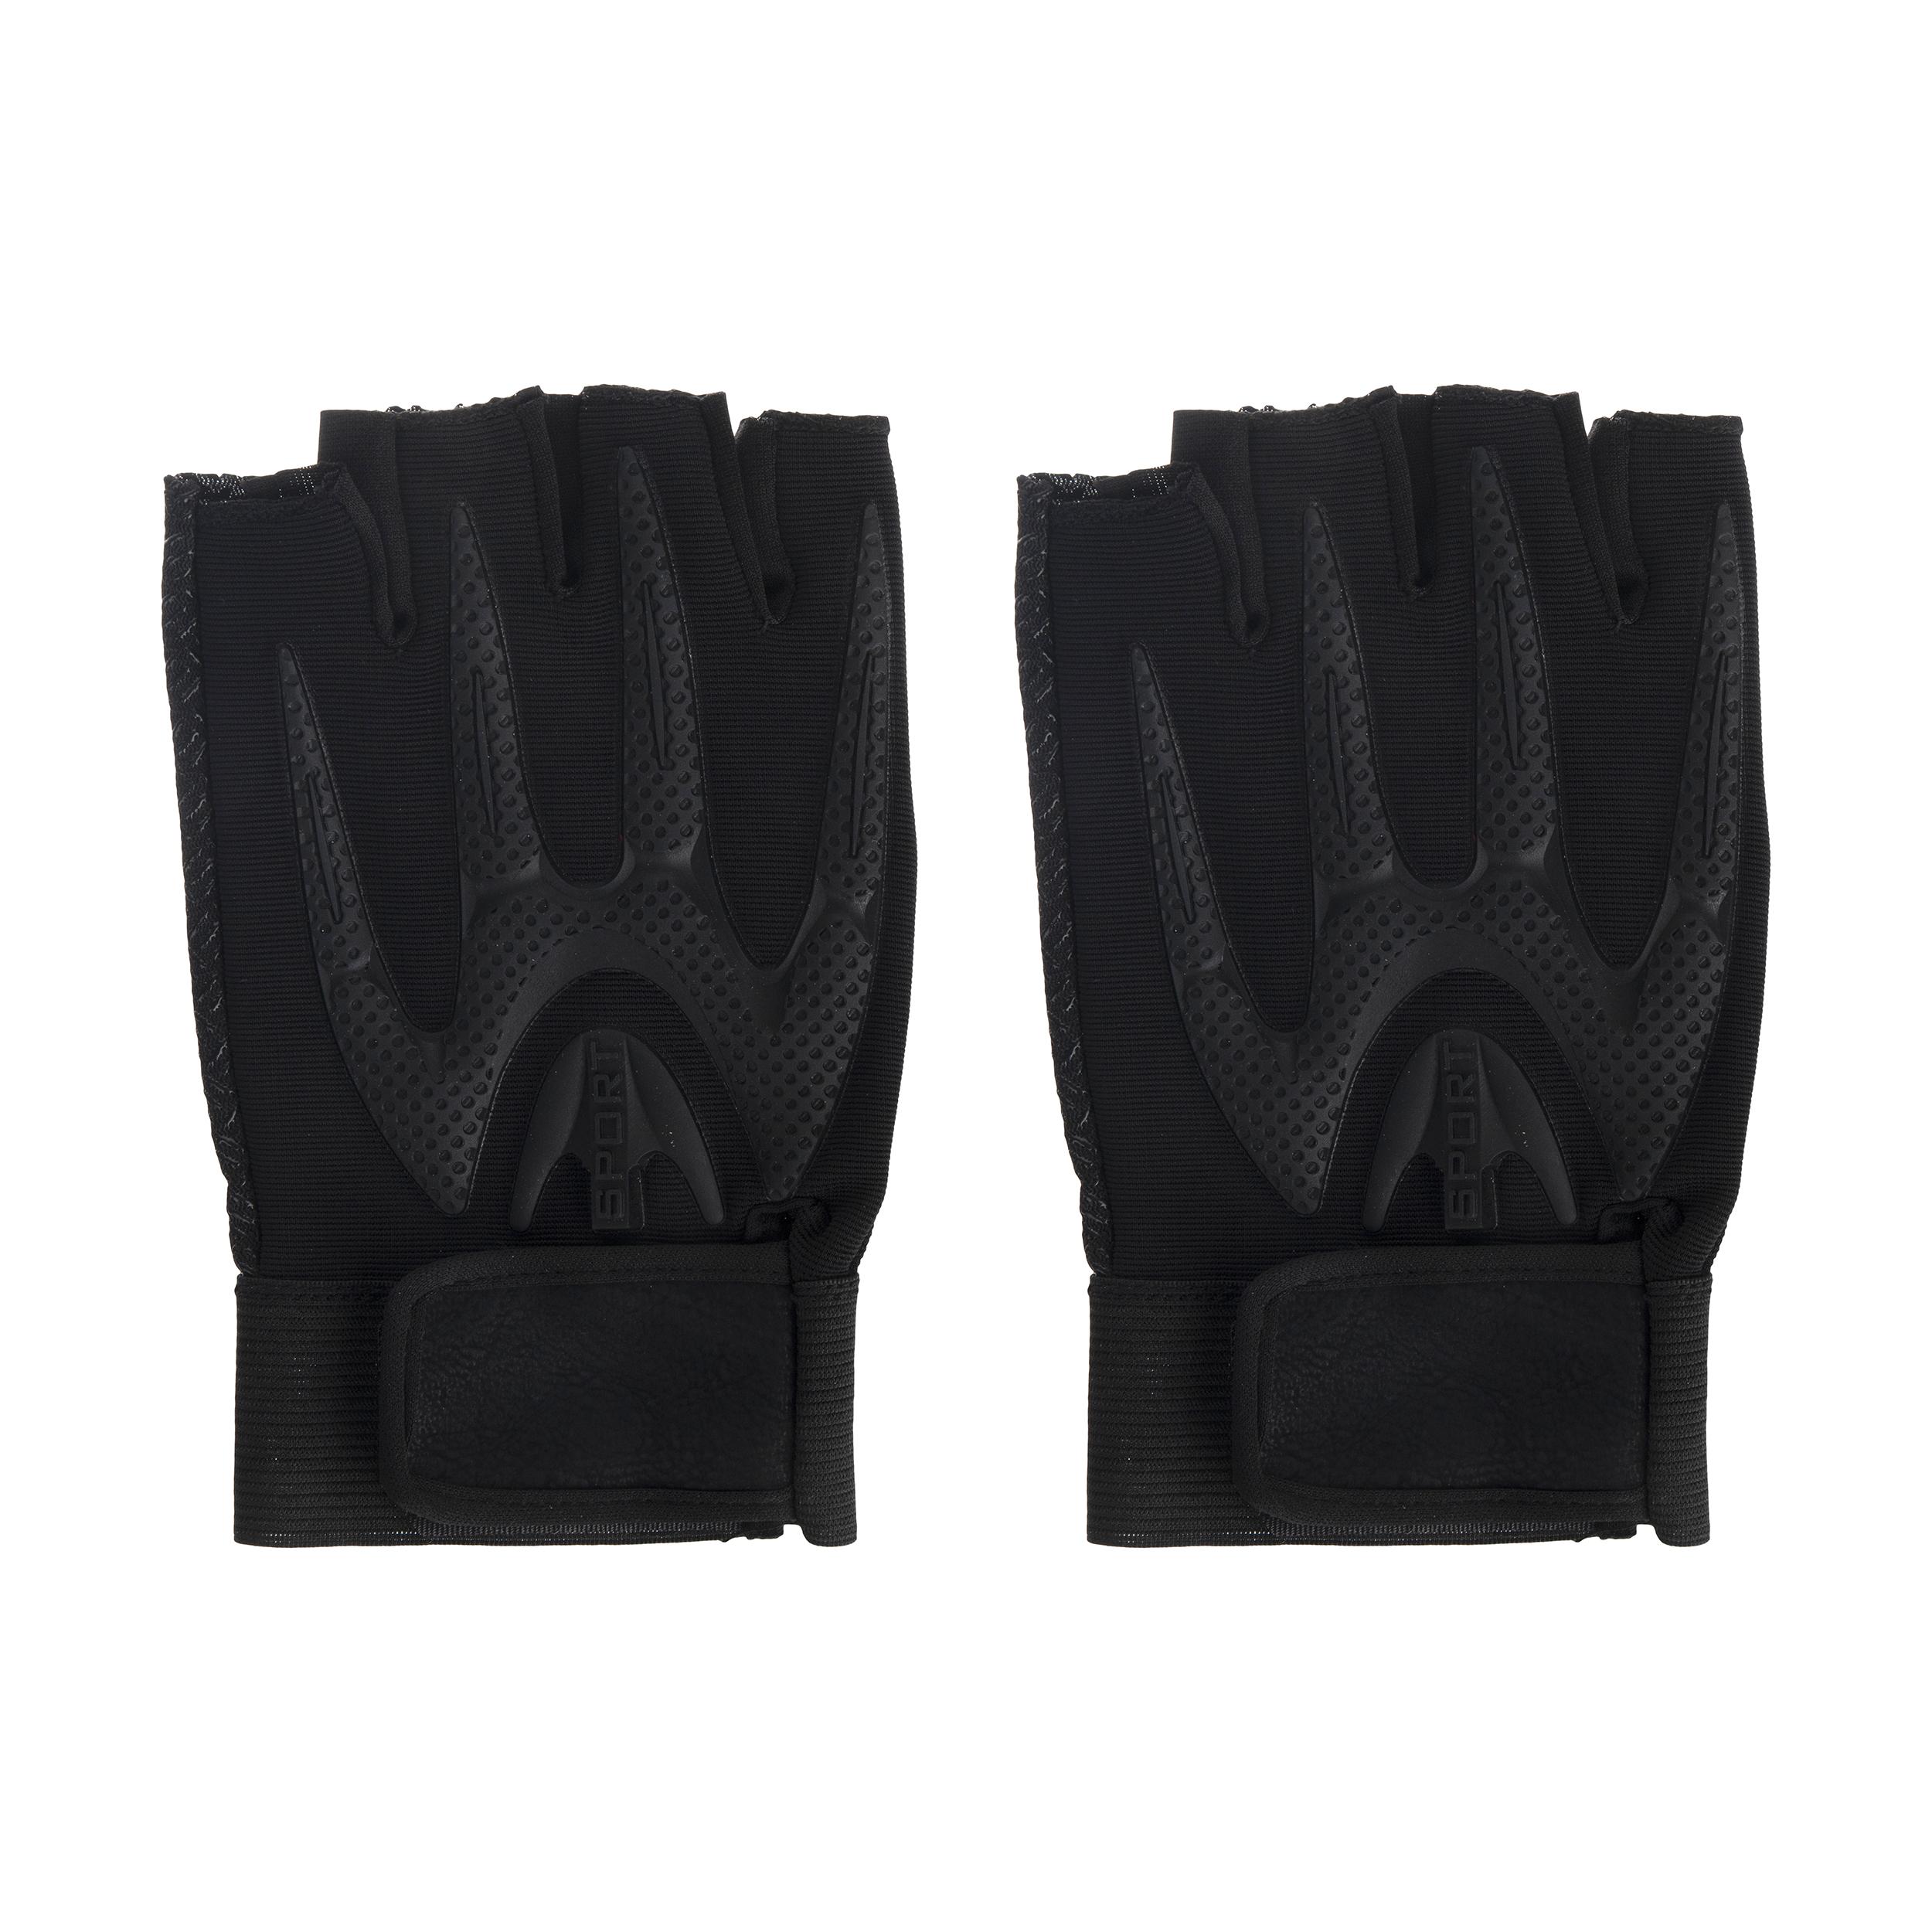 دستکش ورزشی کد 111